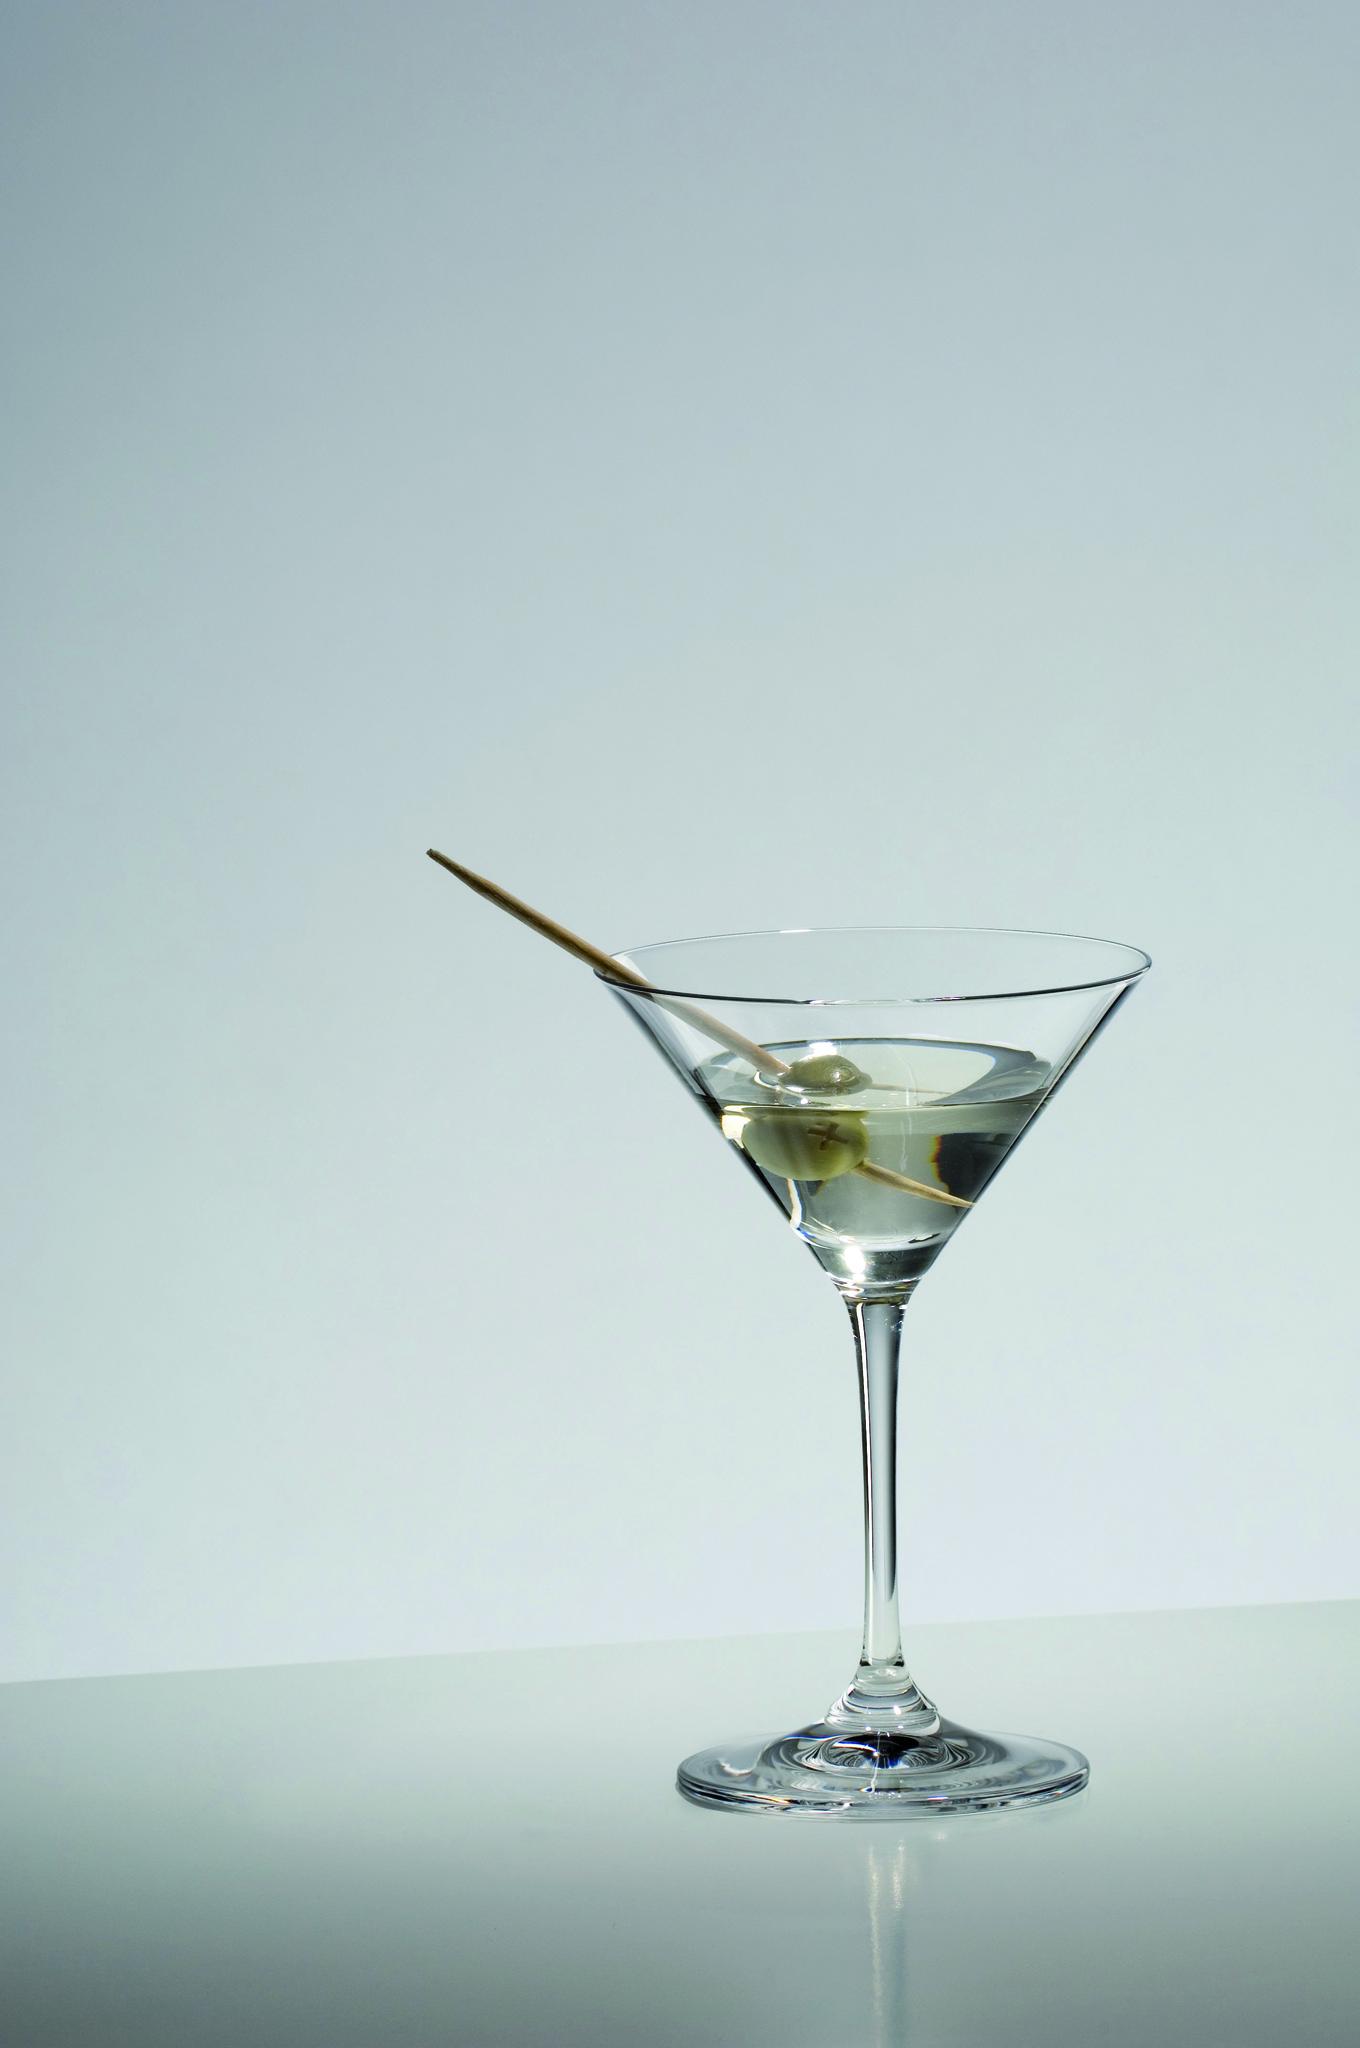 Бокалы Набор бокалов для мартини 2шт 130мл Riedel Vinum Martini nabor-bokalov-dlya-martini-2-sht-130-ml-riedel-vinum-martini-avstriya.jpg